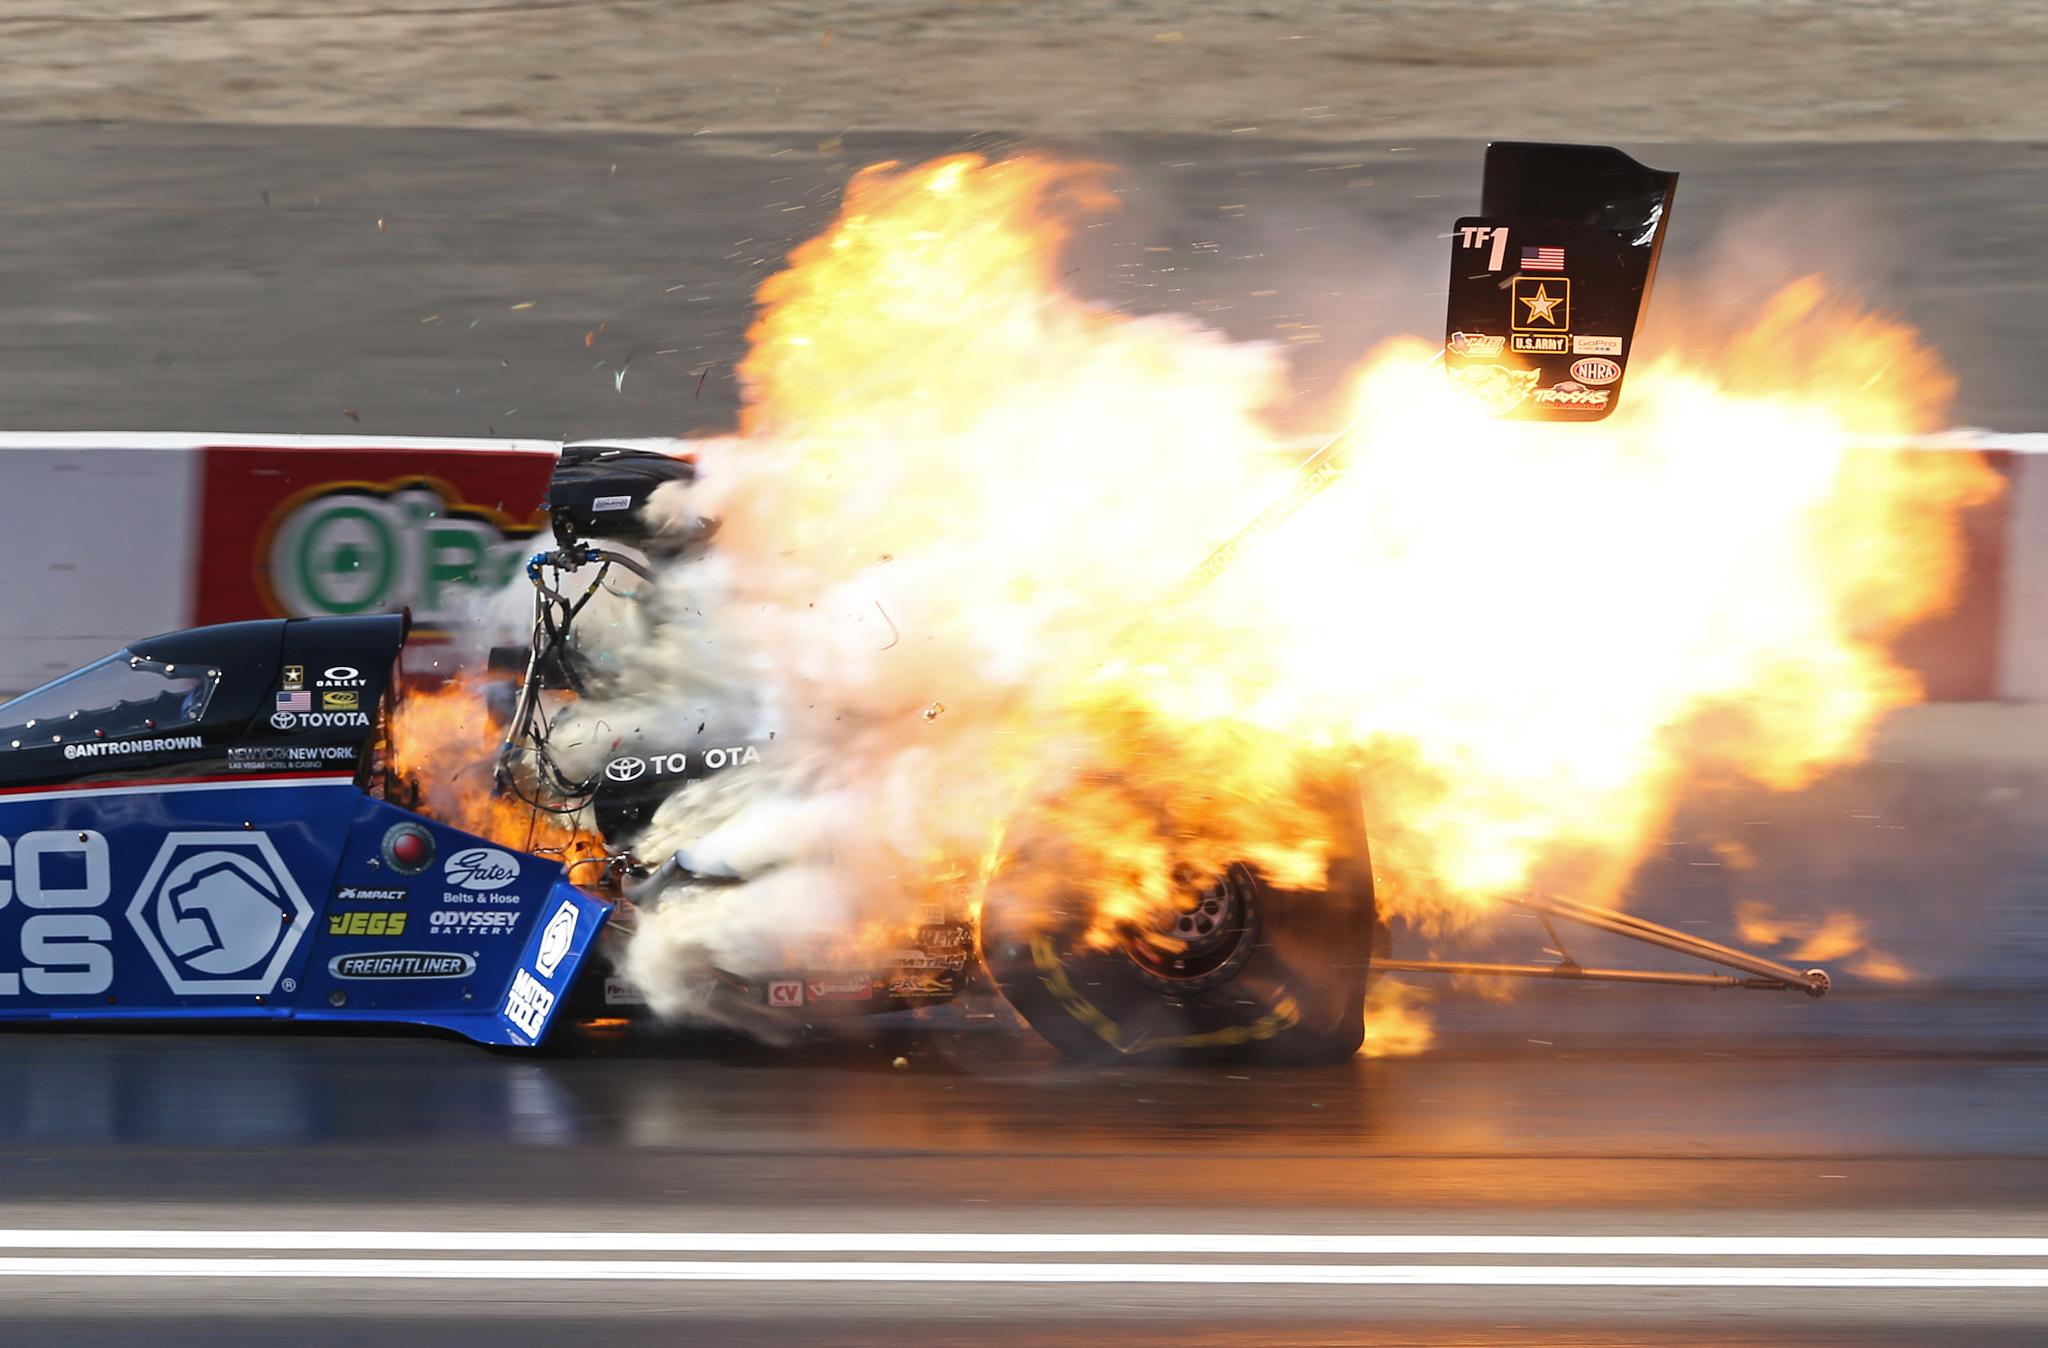 Top fuel drag racing crashes